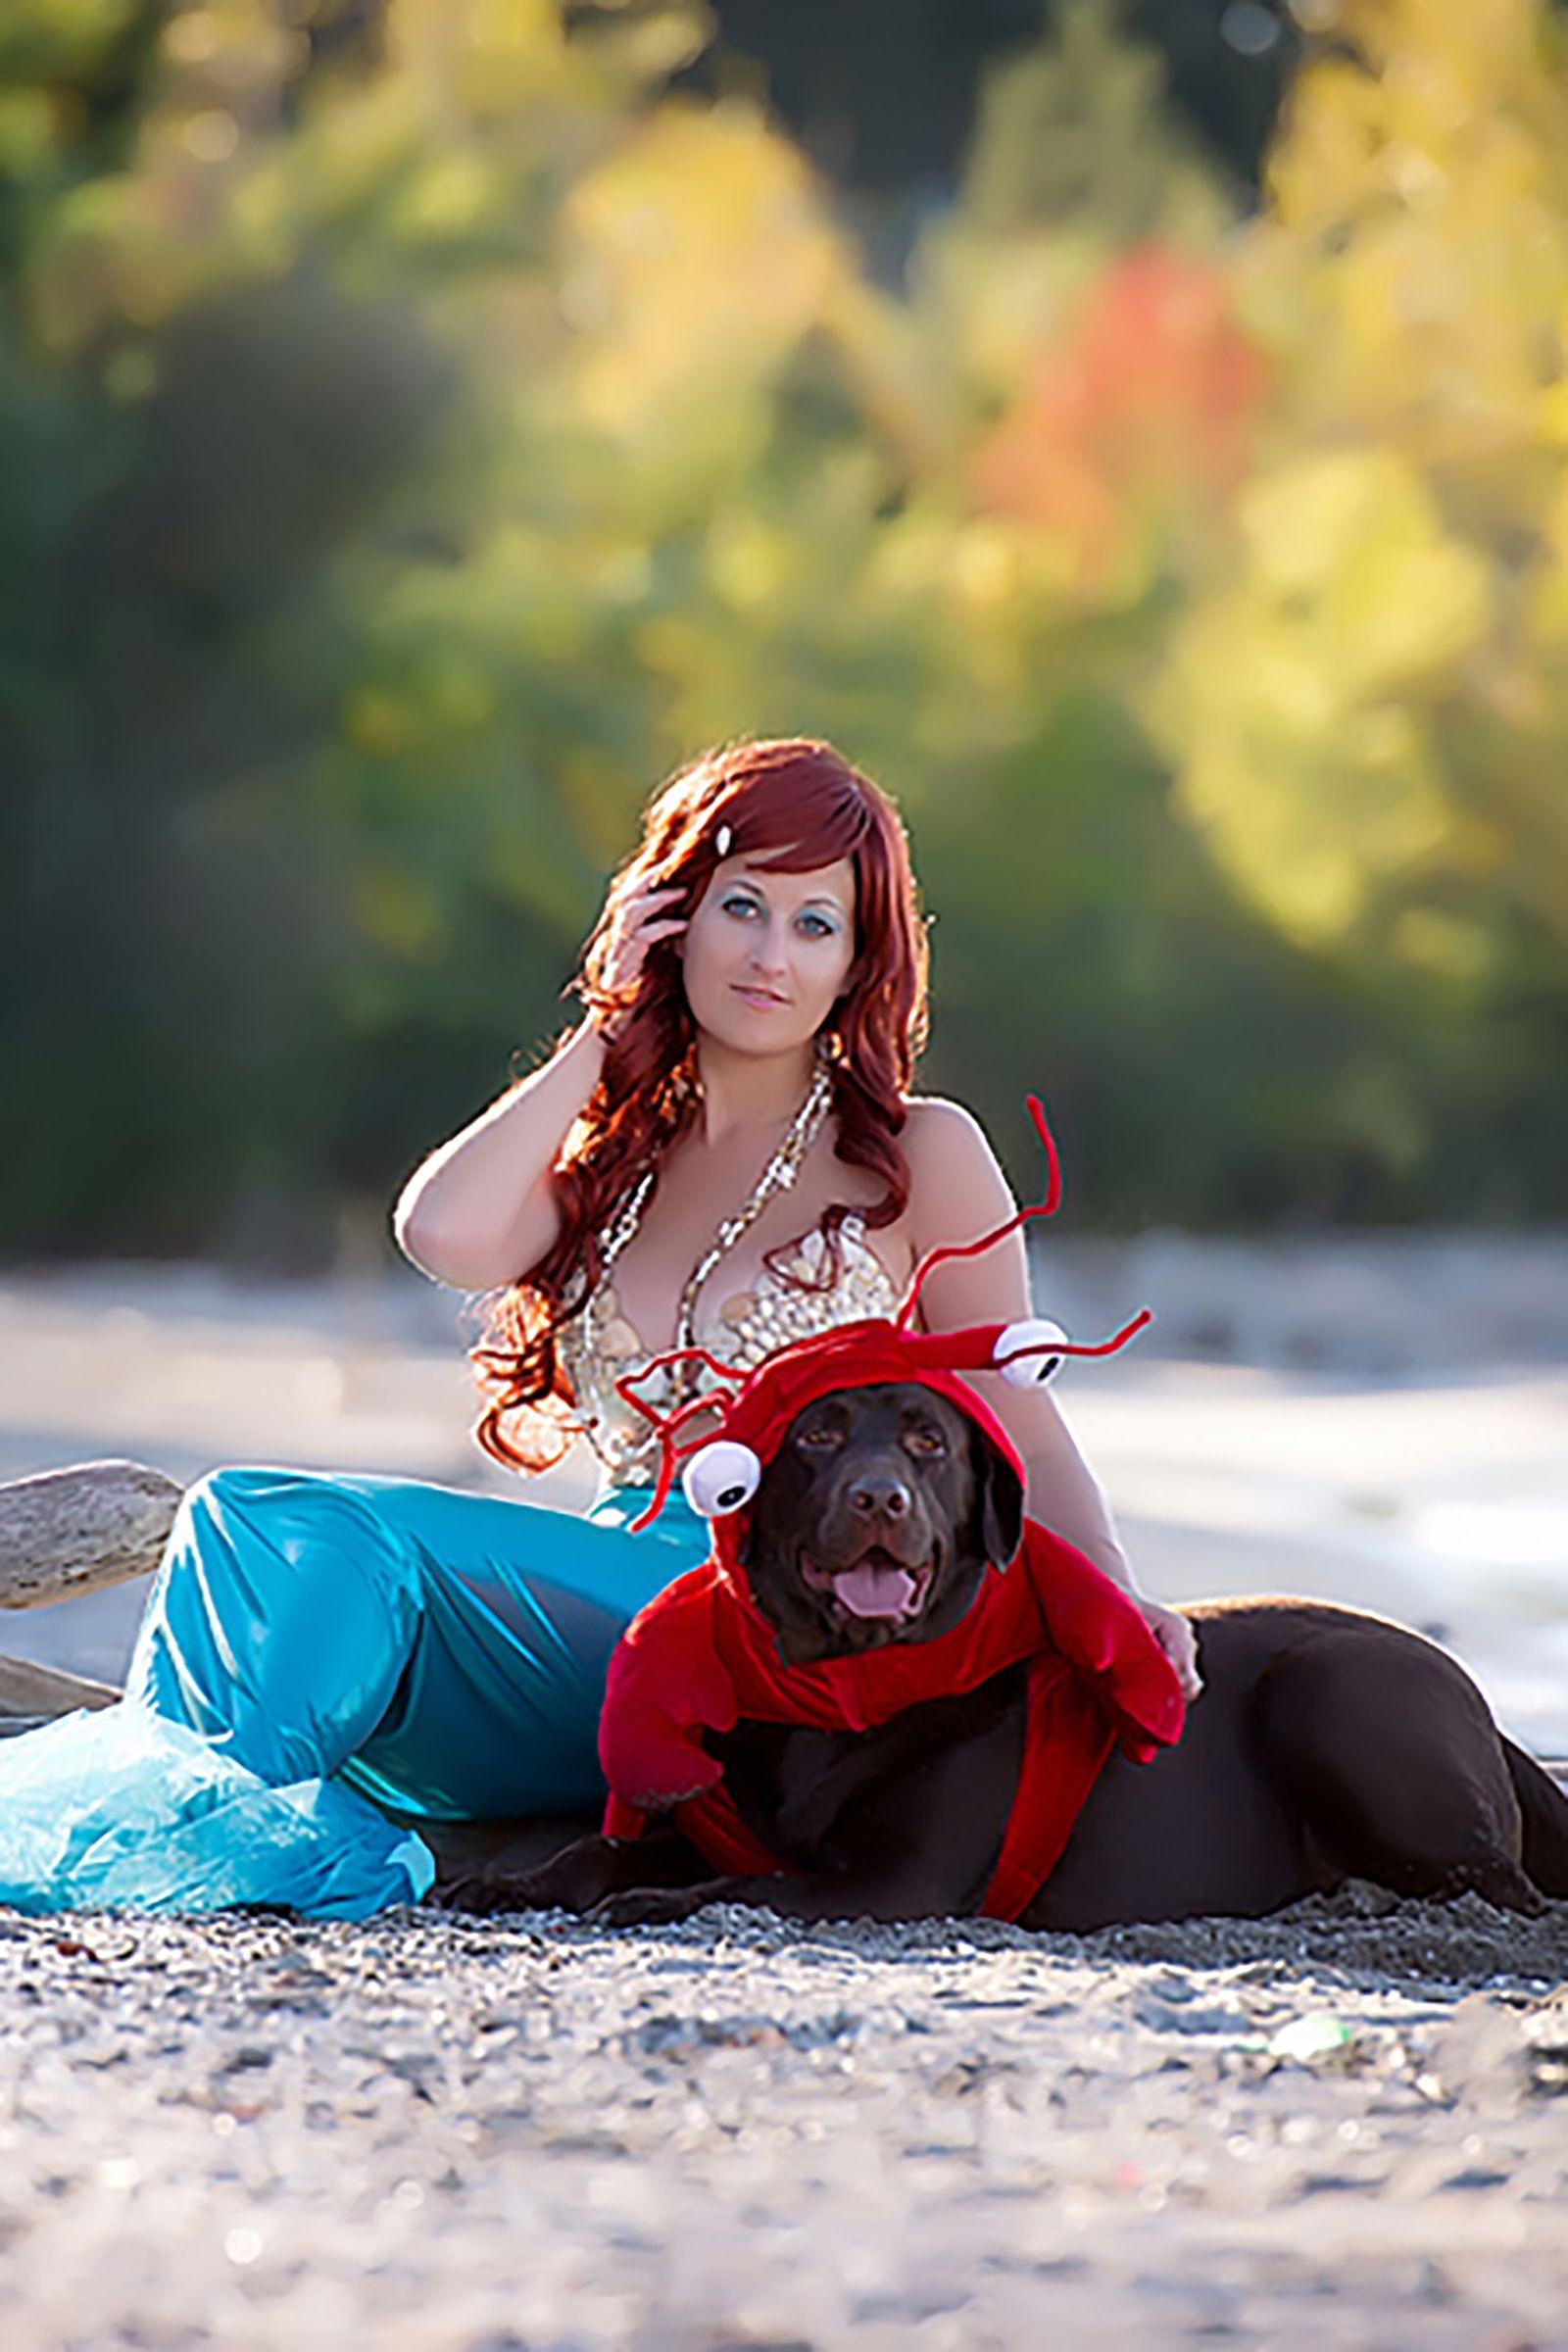 dog and human costume idea